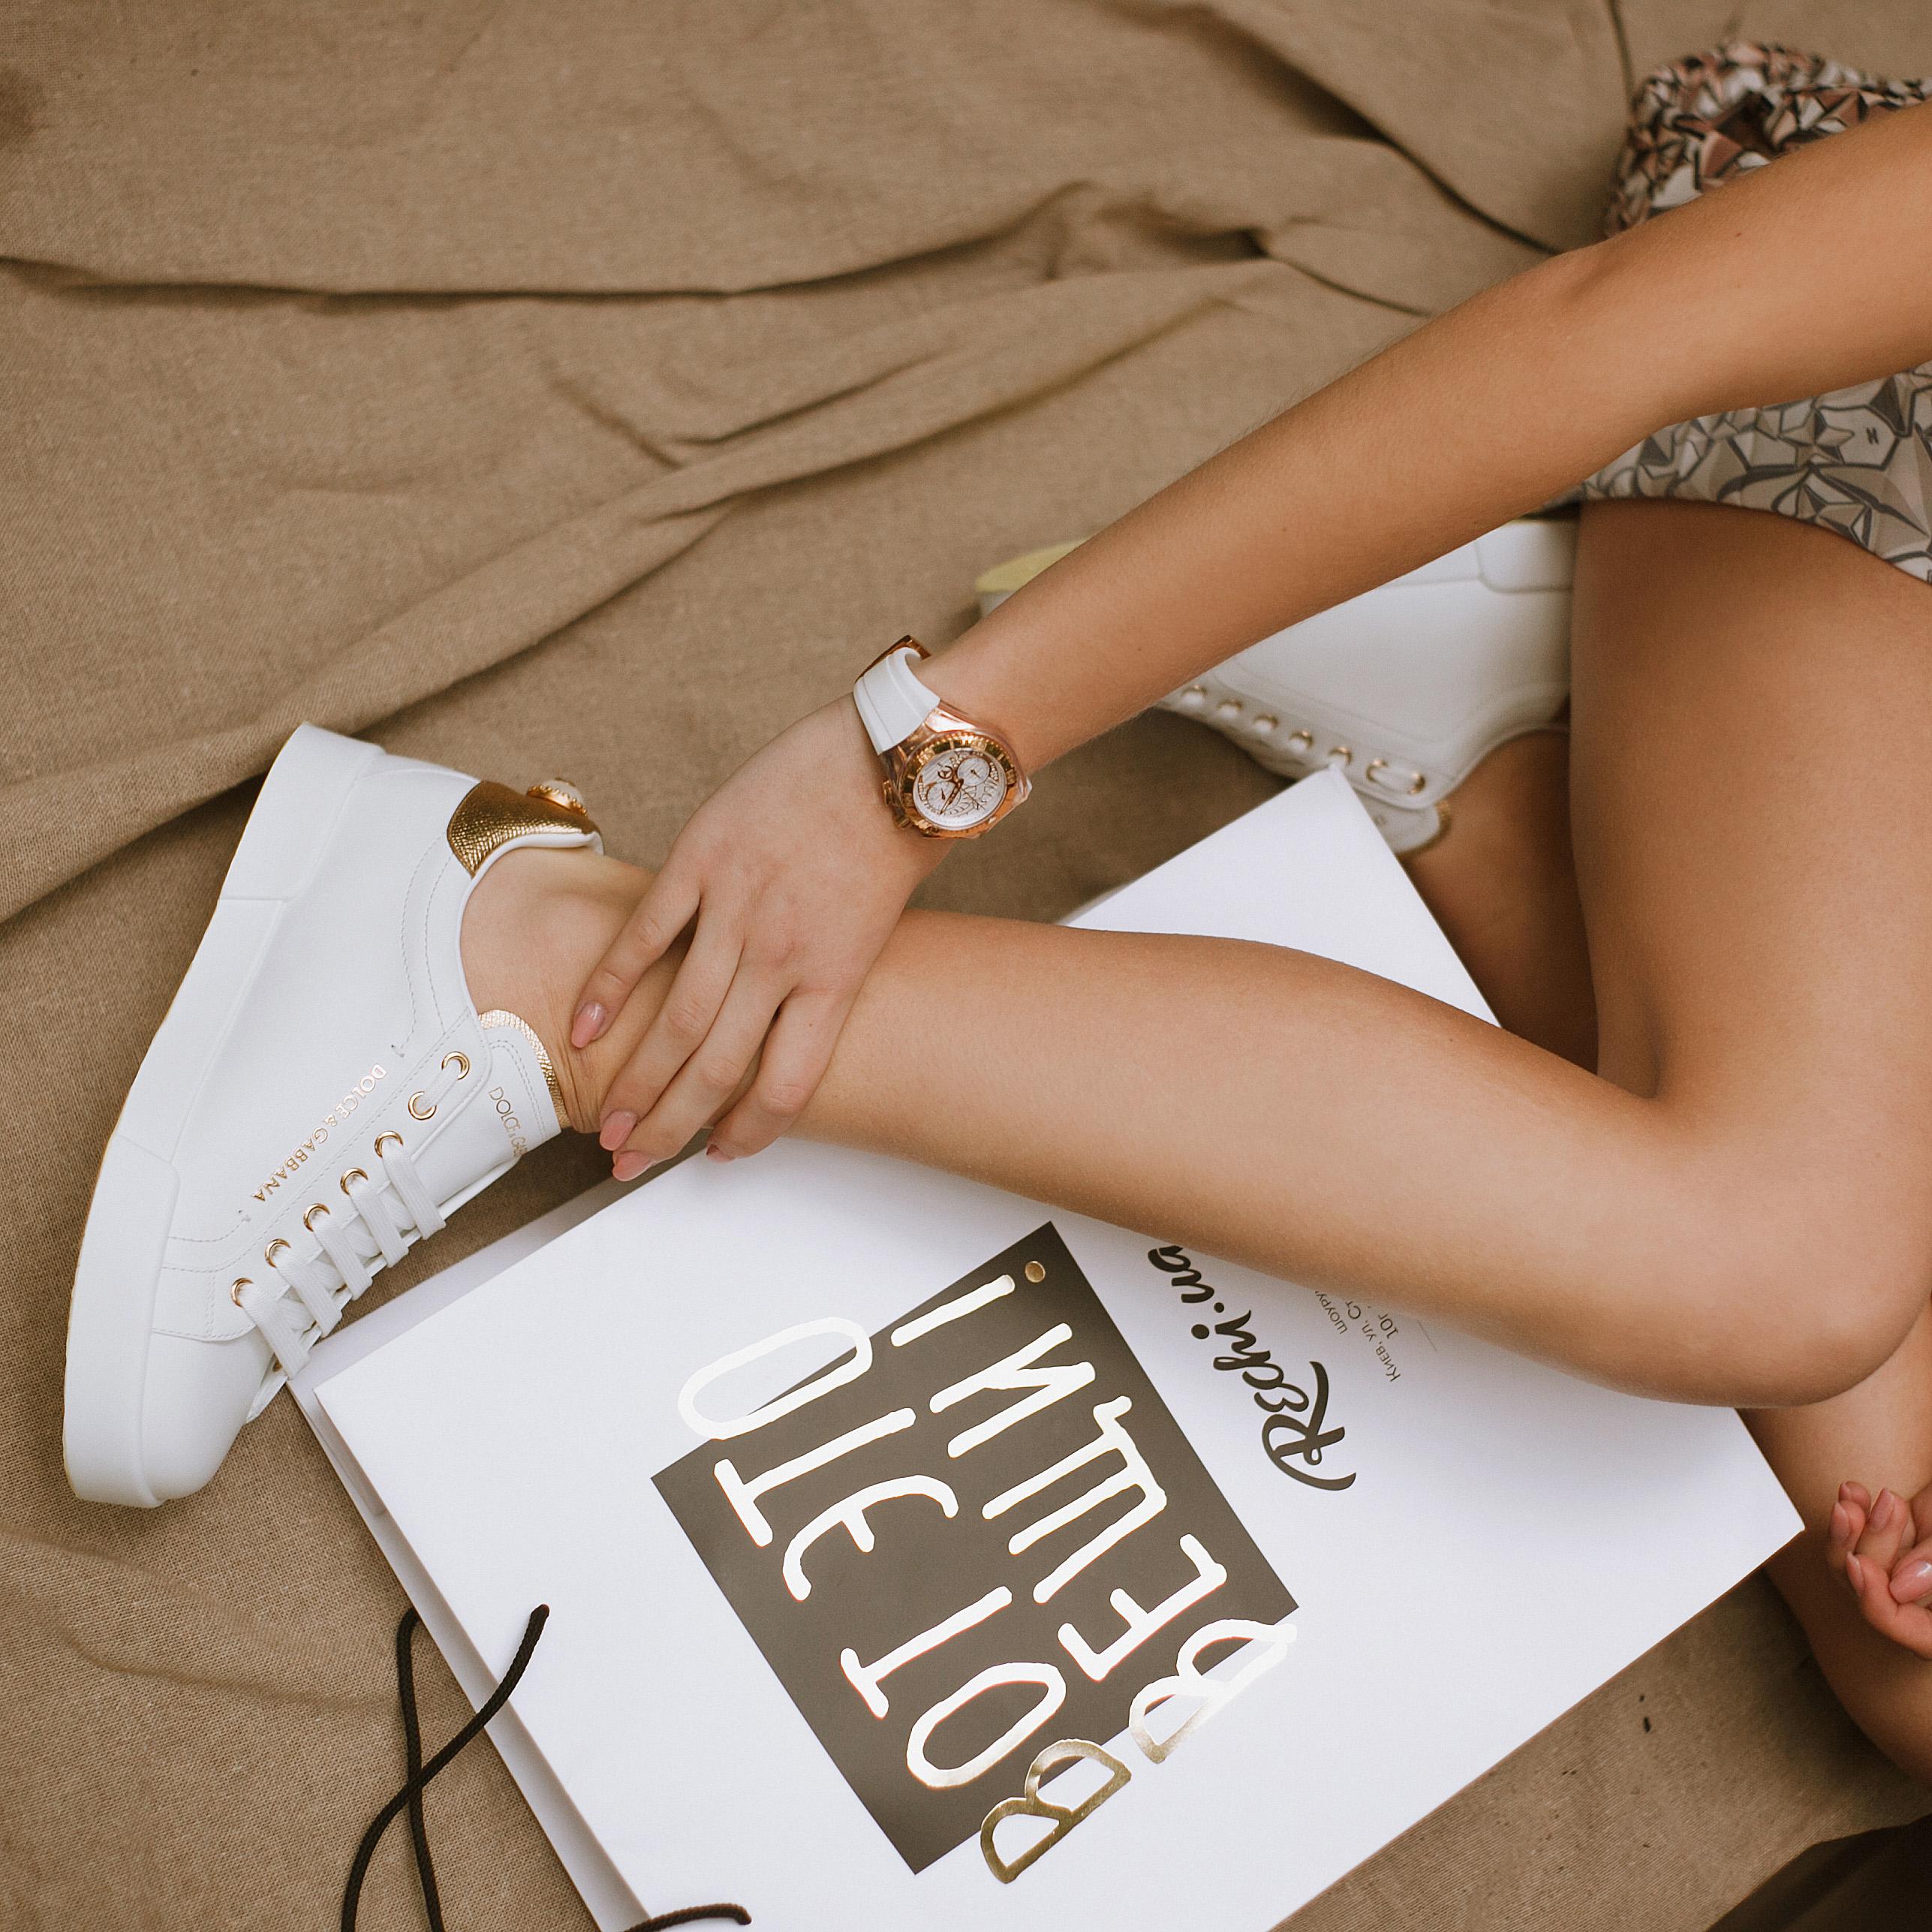 Кеды Dolce&Gabbana с жемчужиной сзади